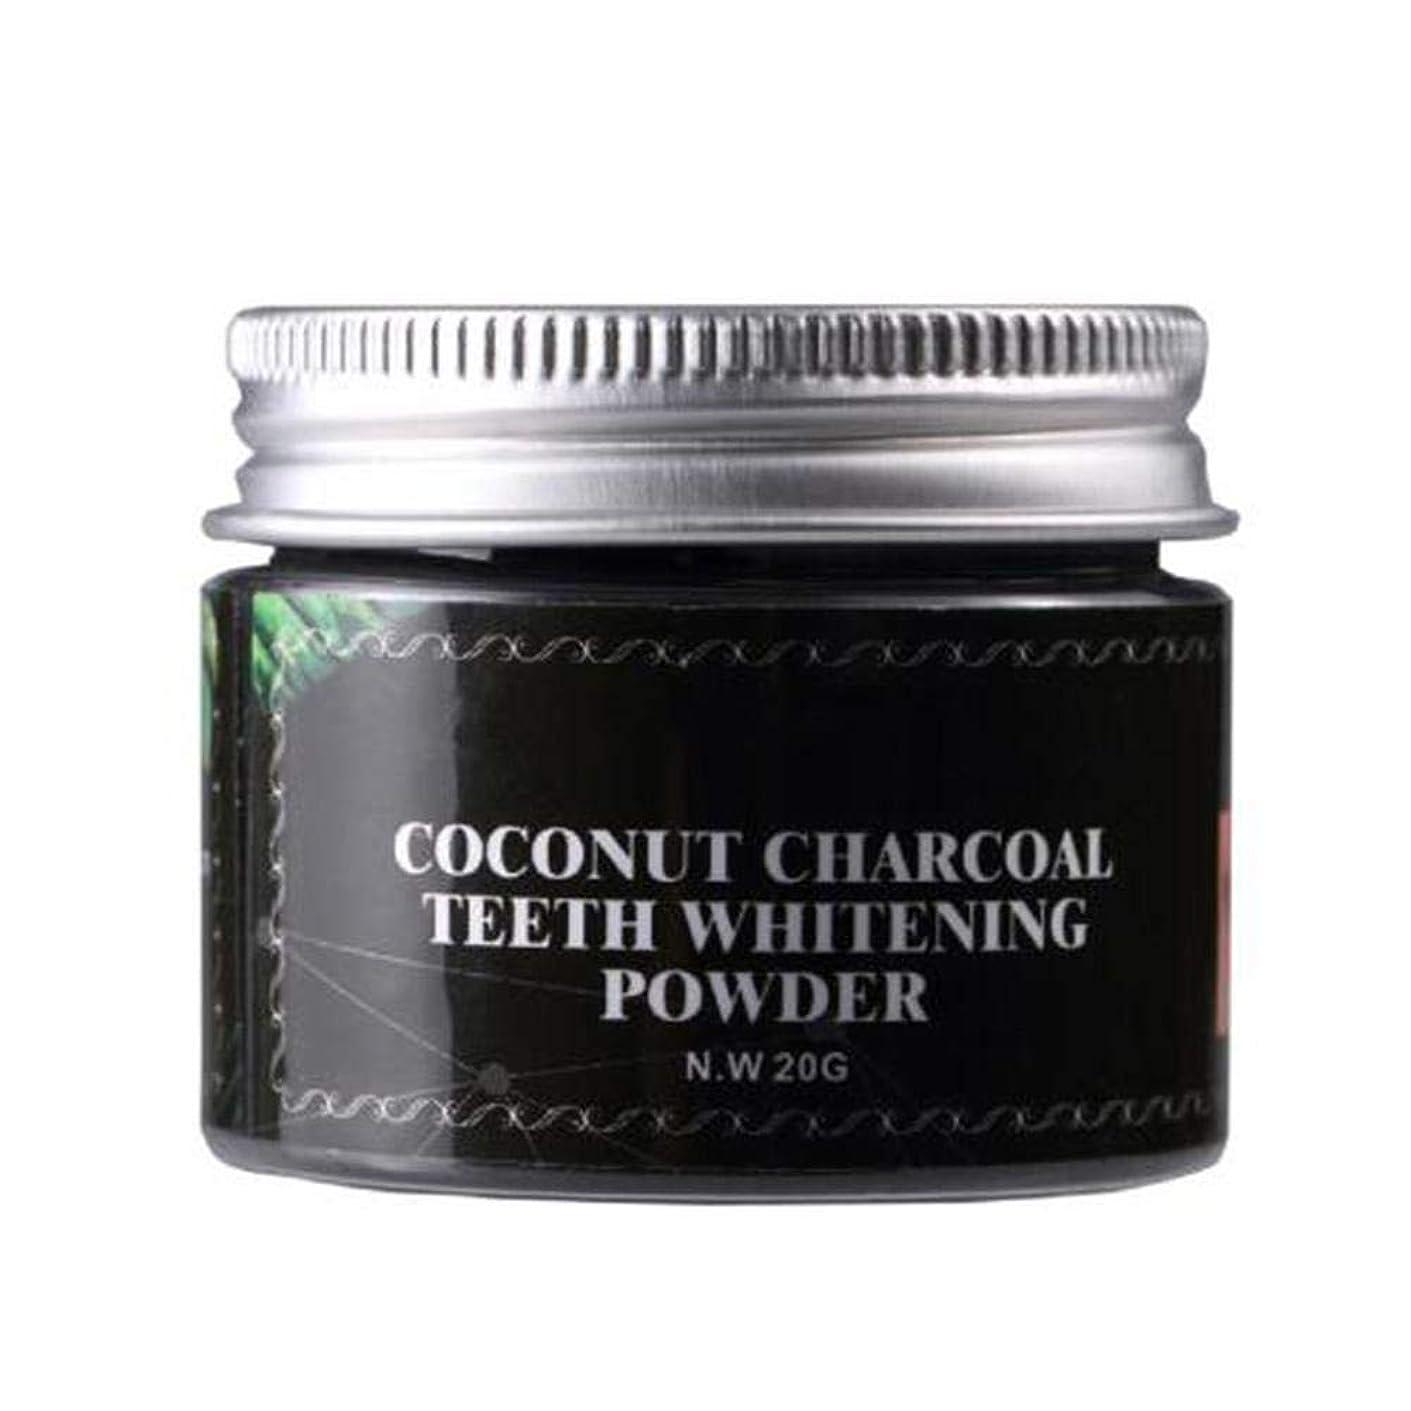 遠いアッティカスシュリンクオーラルケアパウダーナチュラルココナッツ活性炭粉末ホワイトニングパウダーティーコーヒー汚れ除去剤粉末